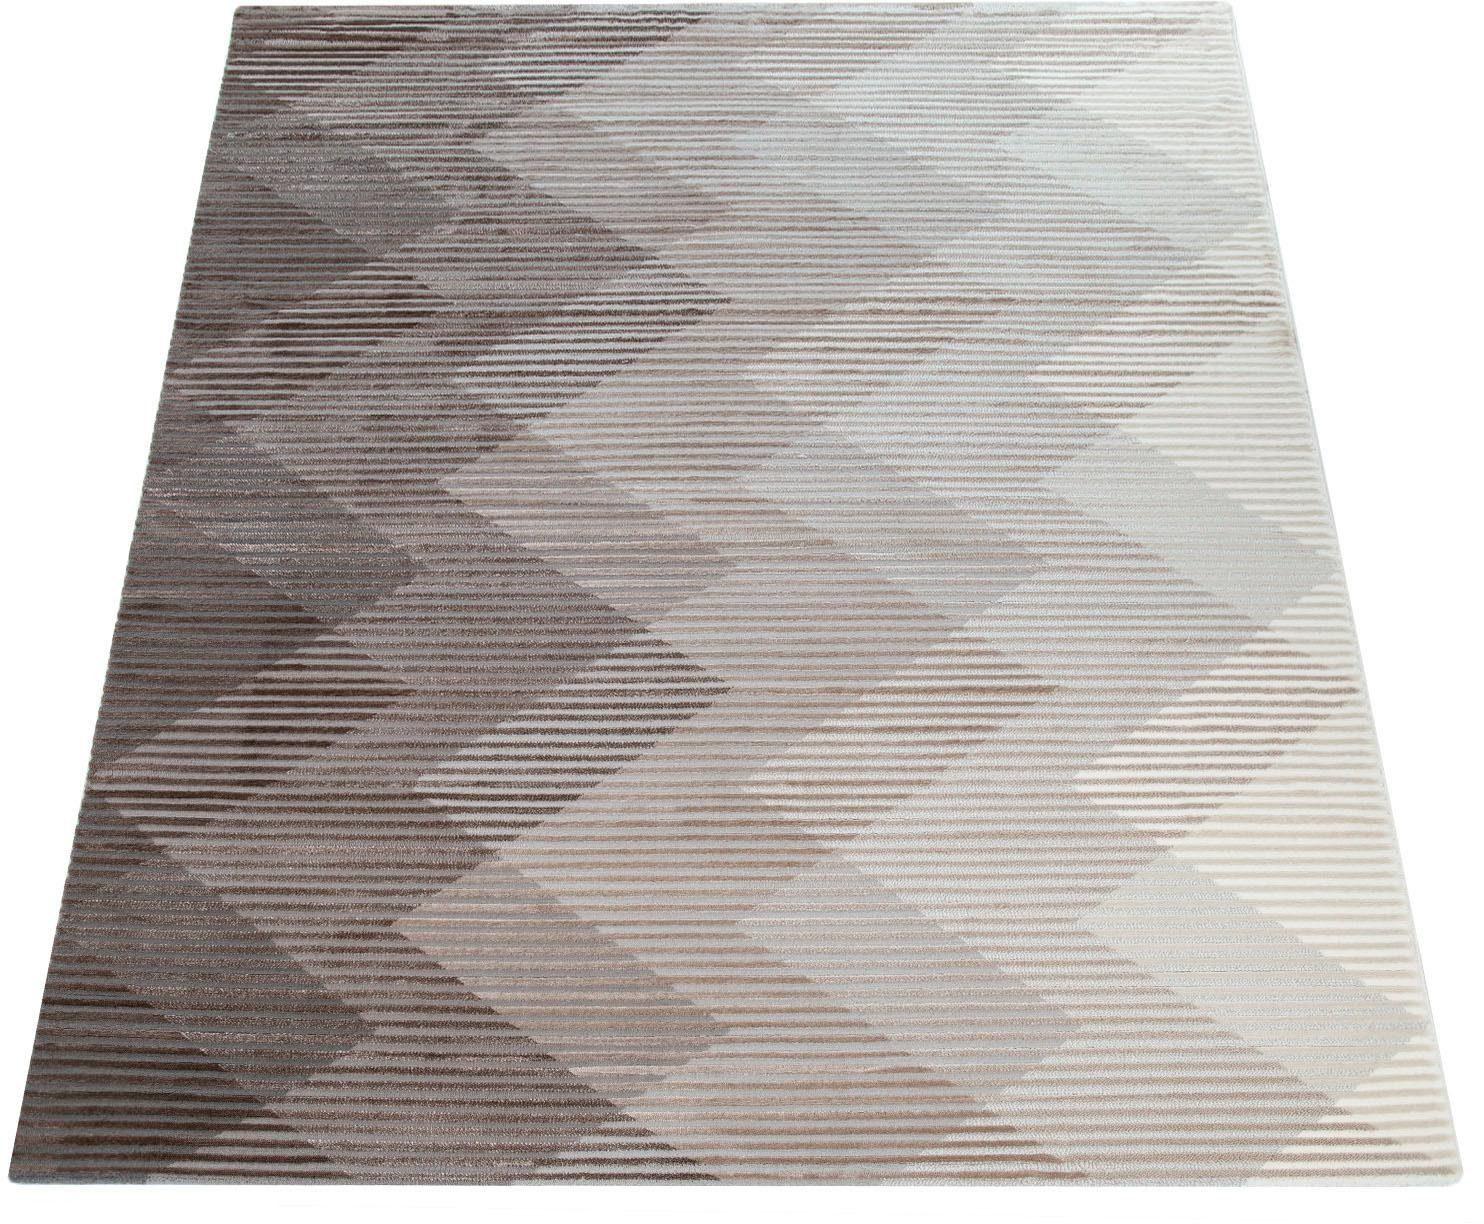 Teppich Theresa 027 Paco Home rechteckig Höhe 17 mm maschinell gewebt